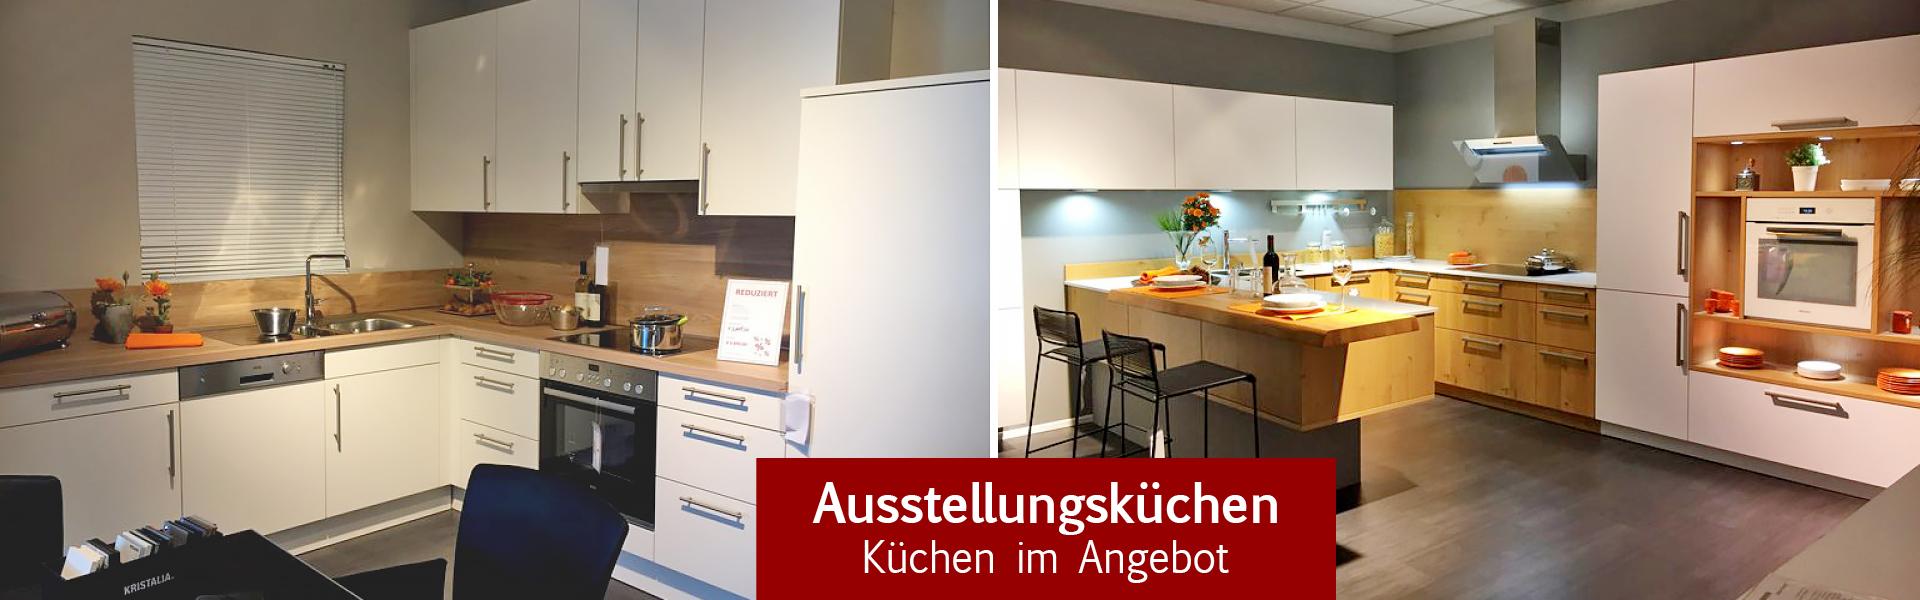 Full Size of Ausstellungsküchen Abverkauf Gnstige Kchen In Karlsruhe Neumaier Einrichtungen Bad Inselküche Wohnzimmer Ausstellungsküchen Abverkauf